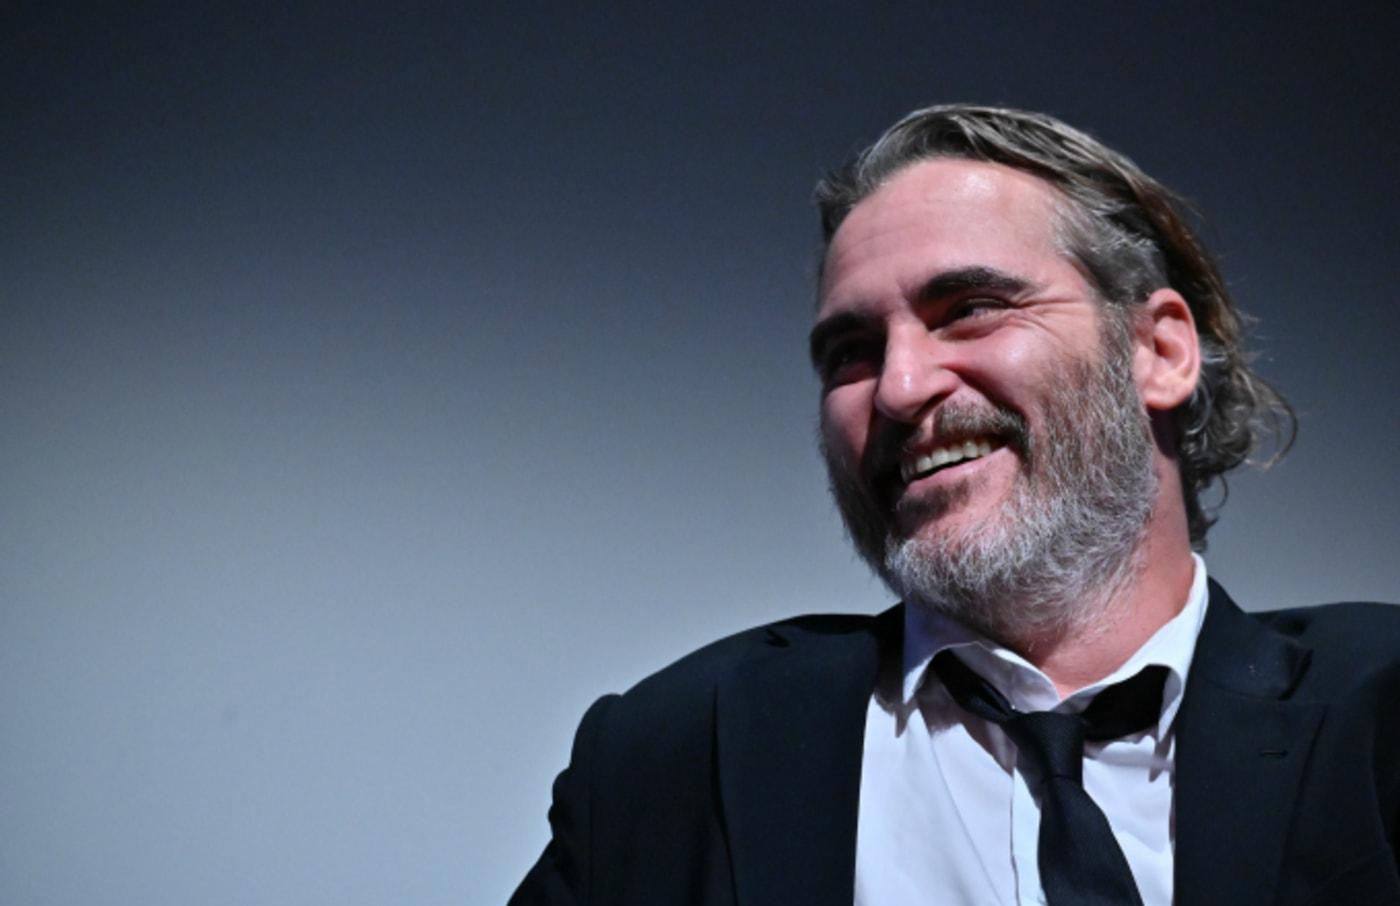 Joaquin Phoenix attends the 57th New York Film Festival